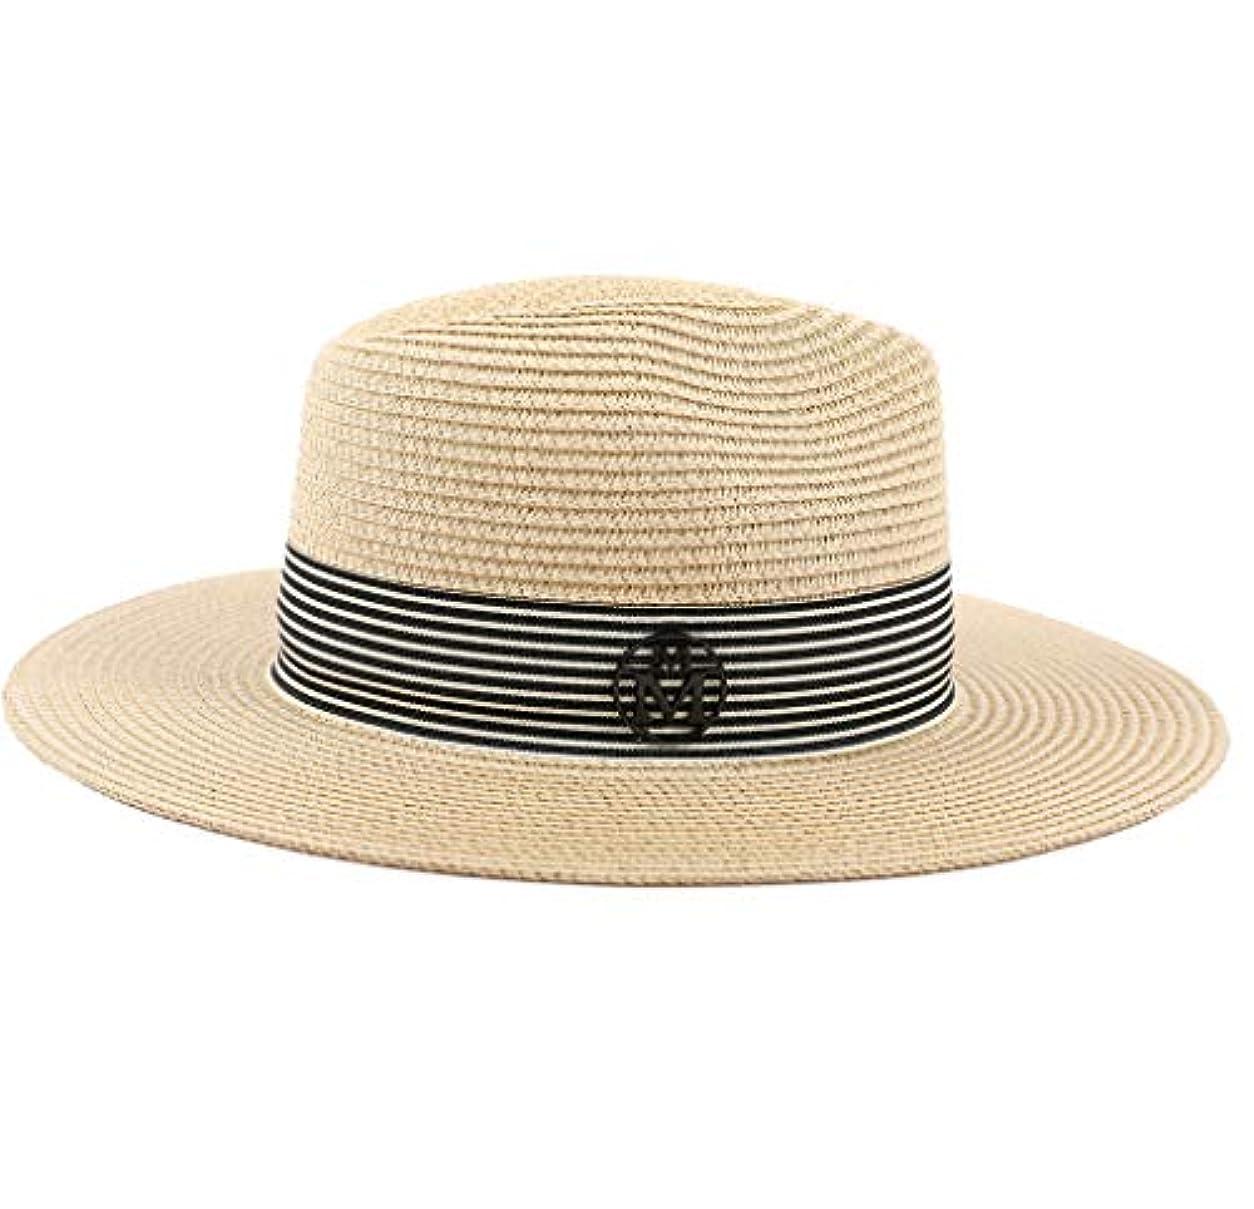 傾斜中断それにもかかわらず女性 帽子 レディース 麦わら帽子 UVカット 帽子 キャップ アウトドア カジュアル スタイル 春夏 ニット帽 日よけ 帽子 レディース つば広 ハット日よけ 折りたたみ 紫外線対策 キャスケット 男女兼用 ROSE ROMAN